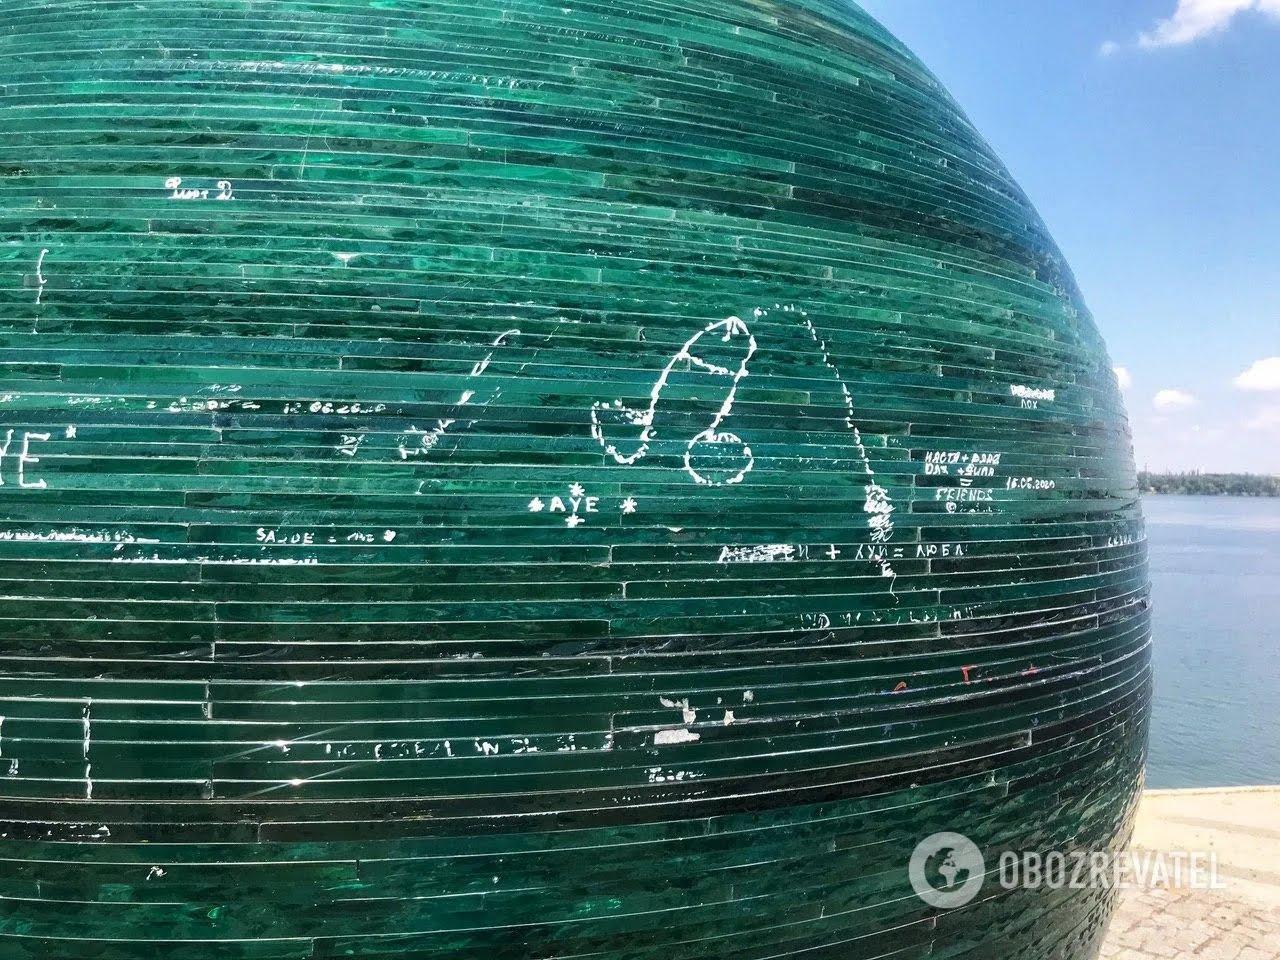 В Днепре вандалы оставляют нецензурные надписи и символы на шаре желаний